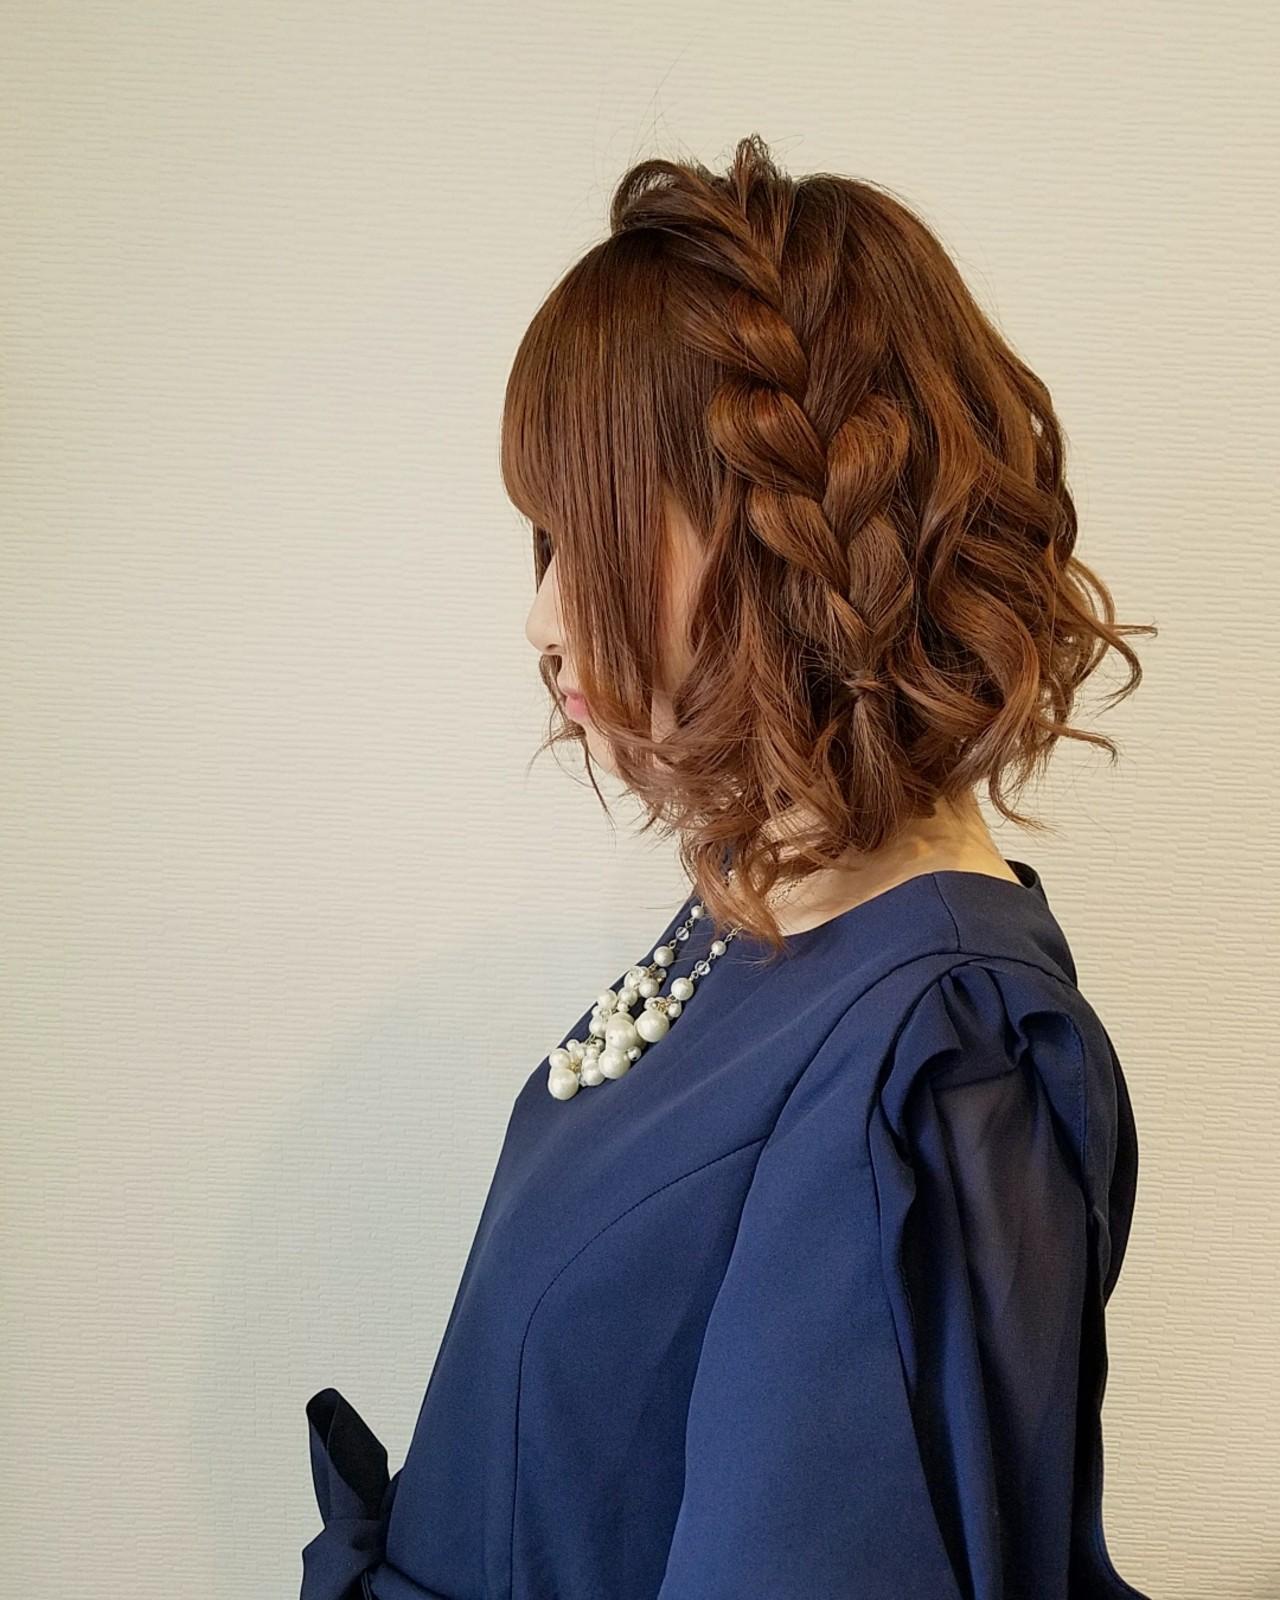 編み込み フェミニン ヘアアレンジ ボブ ヘアスタイルや髪型の写真・画像 | mai / HAIR SALON STELLA